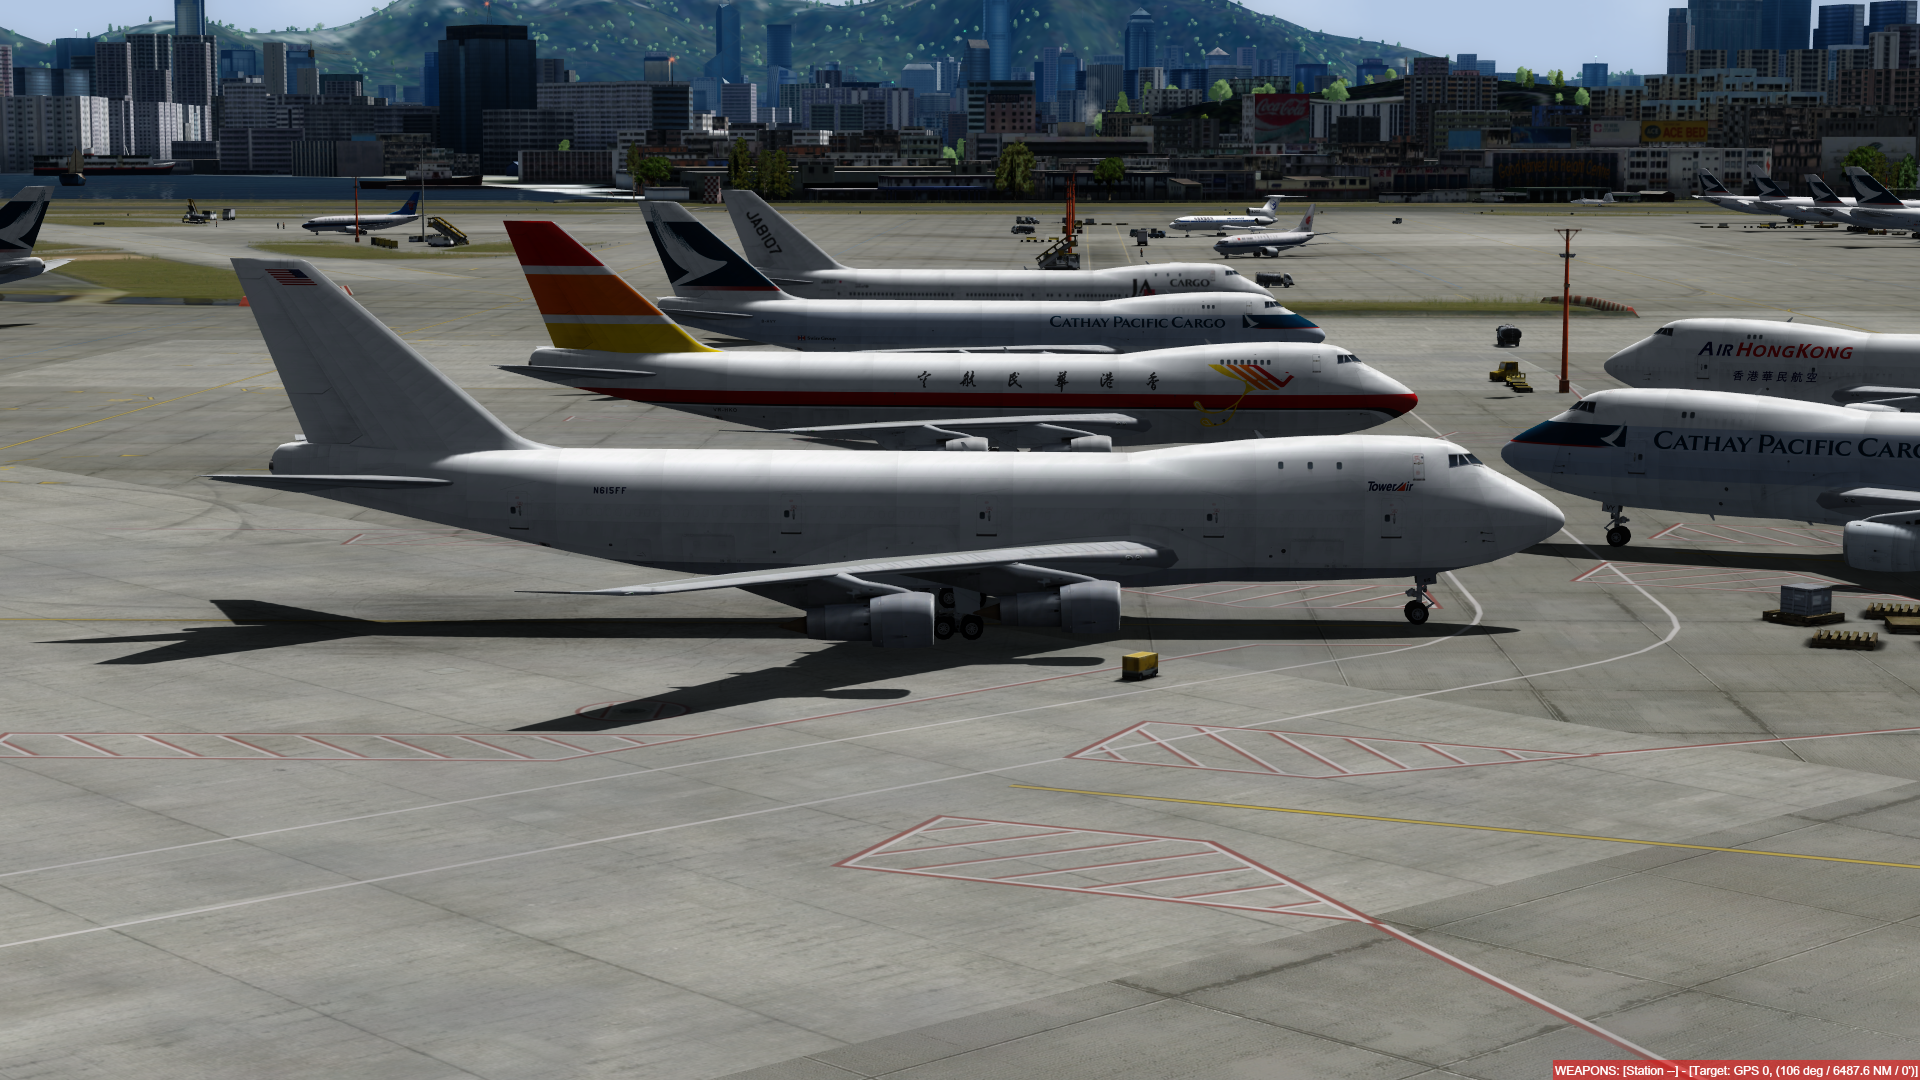 O dia a dia em Hong Kong Kai Tak - O aeroporto mais emocionante do mundo! P3D V4.4 - Só trafego AI. Captura-de-Tela-239